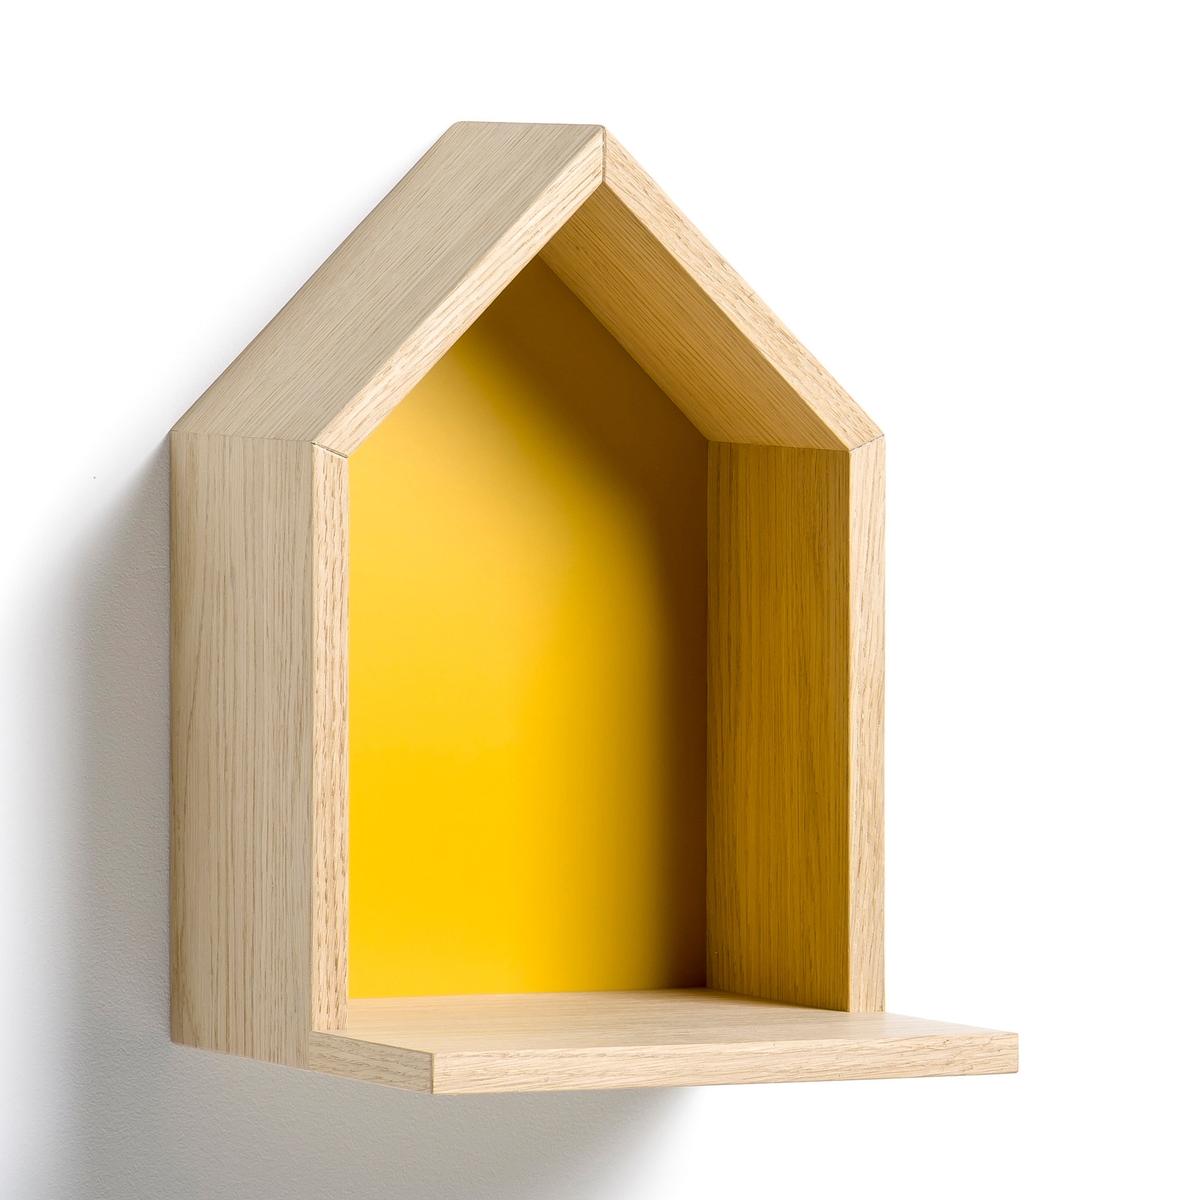 Полка Bosaka, маленькая модель, В.30 смПолка в форме домика, навесная . Характеристики :- Из МДФ, покрытого дубовым шпоном, боковые стороны из ДСП, покрытой дубовым шпоном, дно из окрашенного МДФ. - 2 пластины для крепления на стену (саморезы и дюбели продаются отдельно). Размеры  :-  Ш.20 x В.30 см x Г.22 см.<br><br>Цвет: желтый